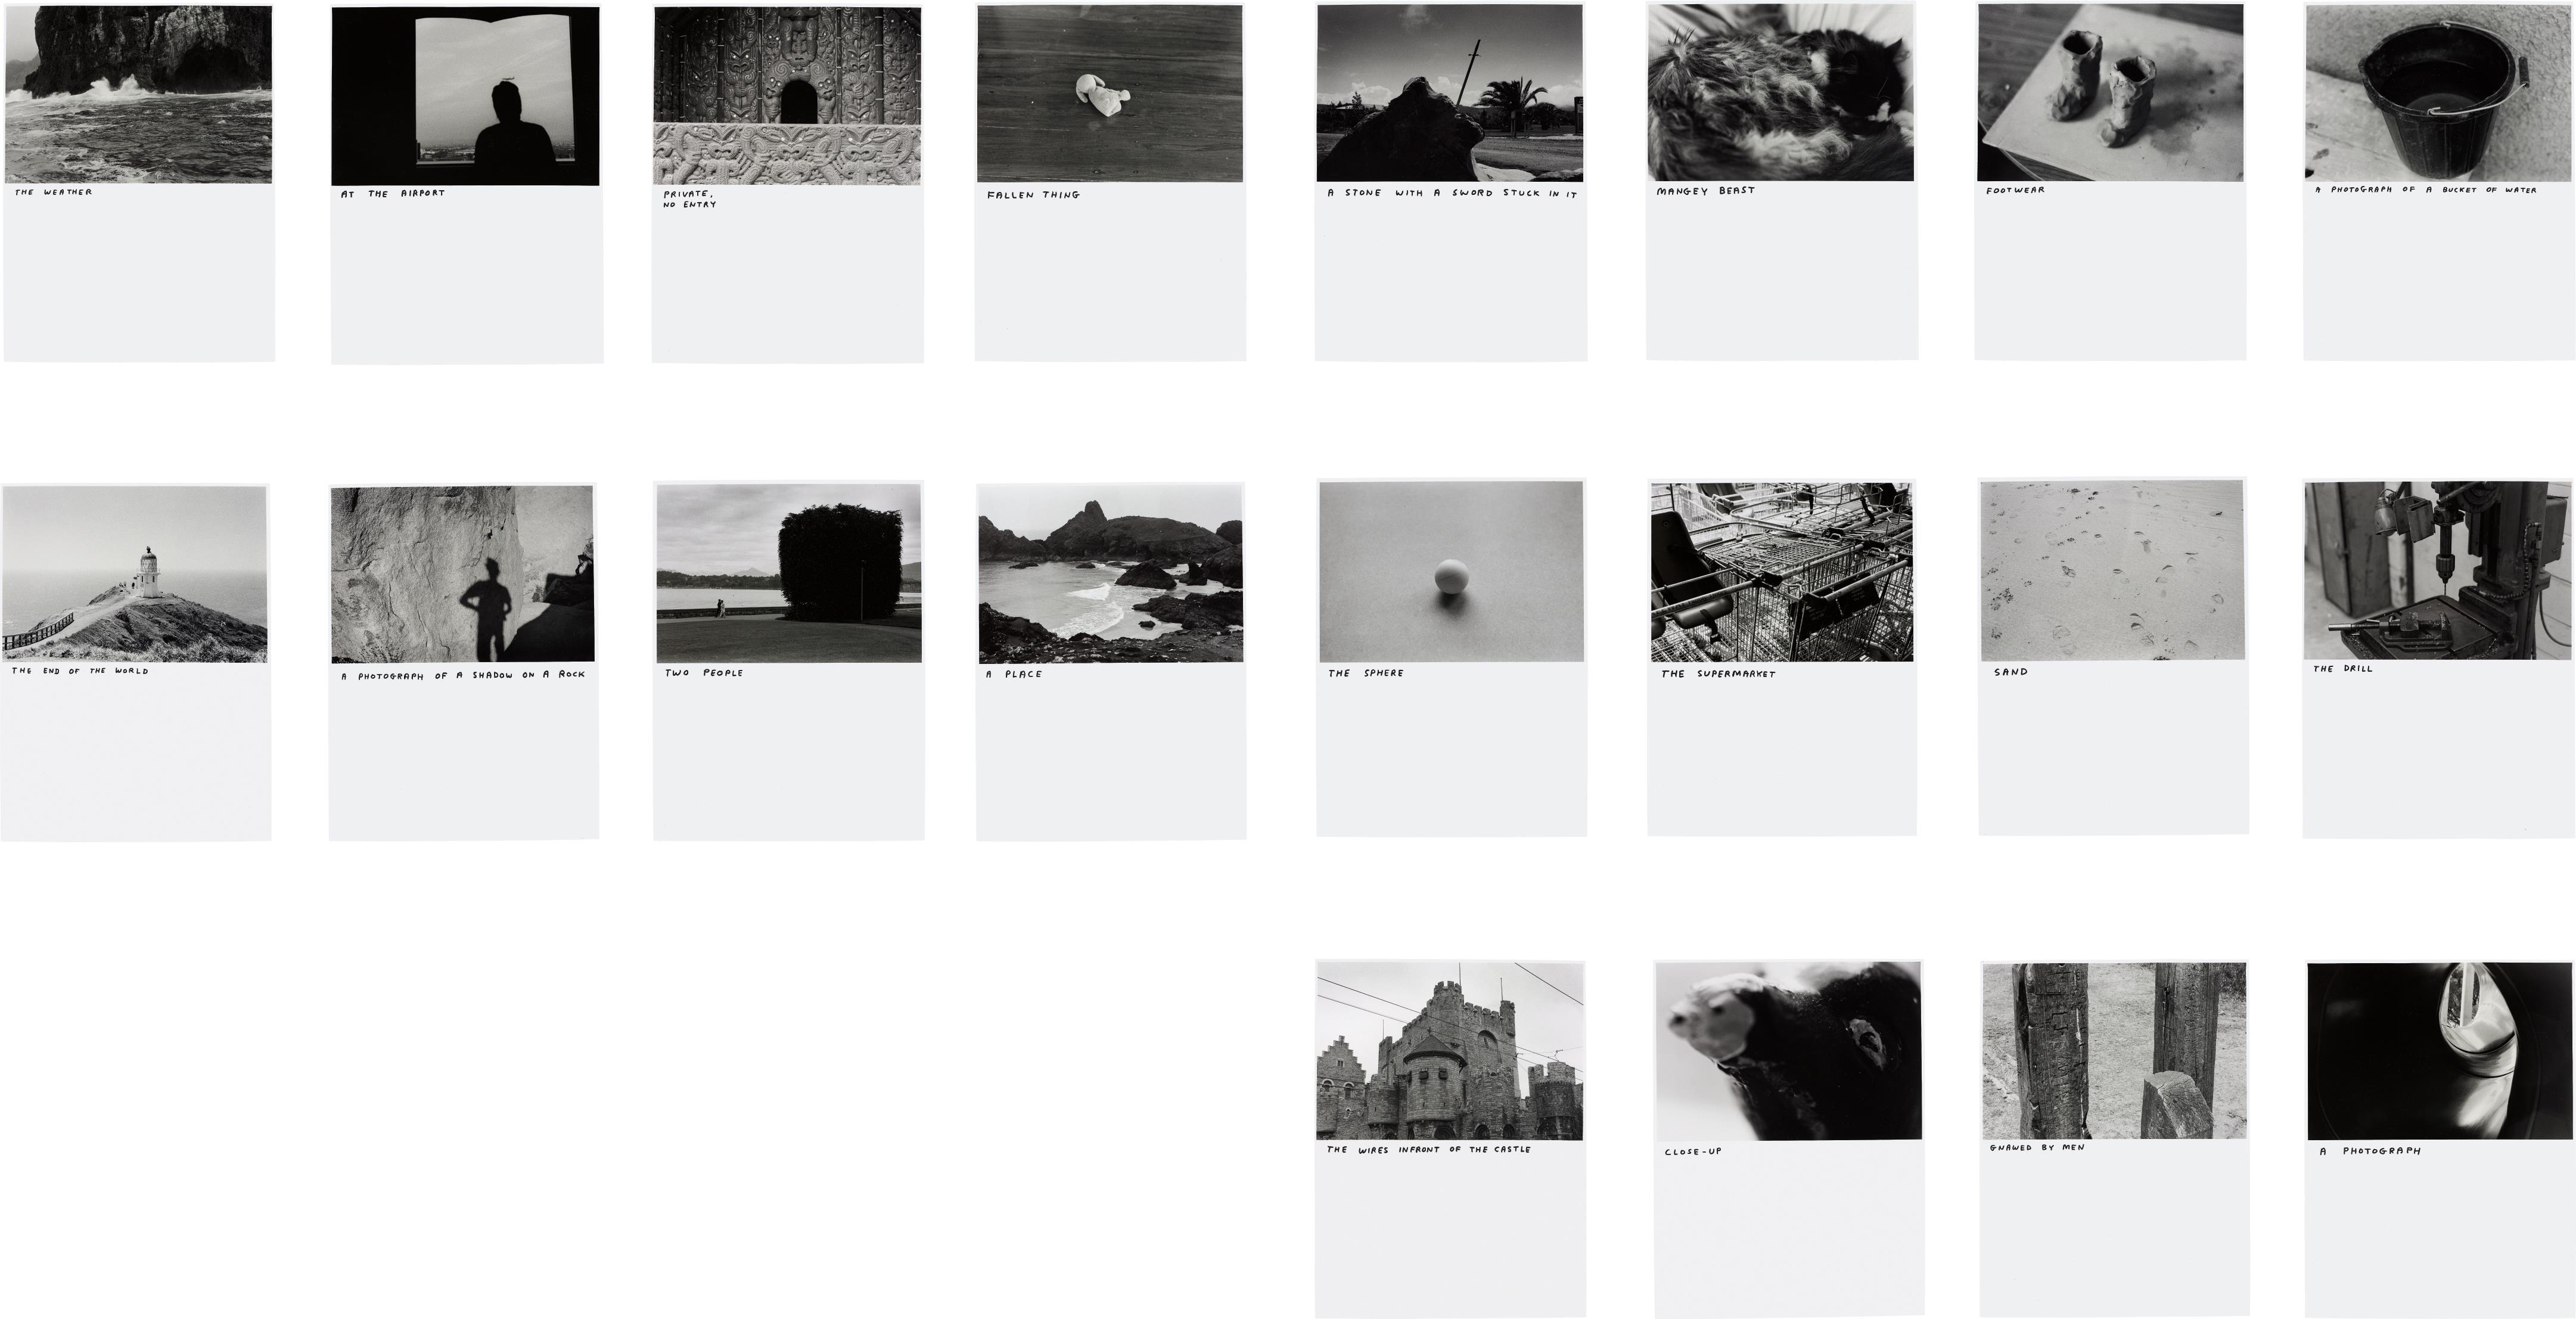 David Shrigley-Untitled (Group of 20 photographs)-2005